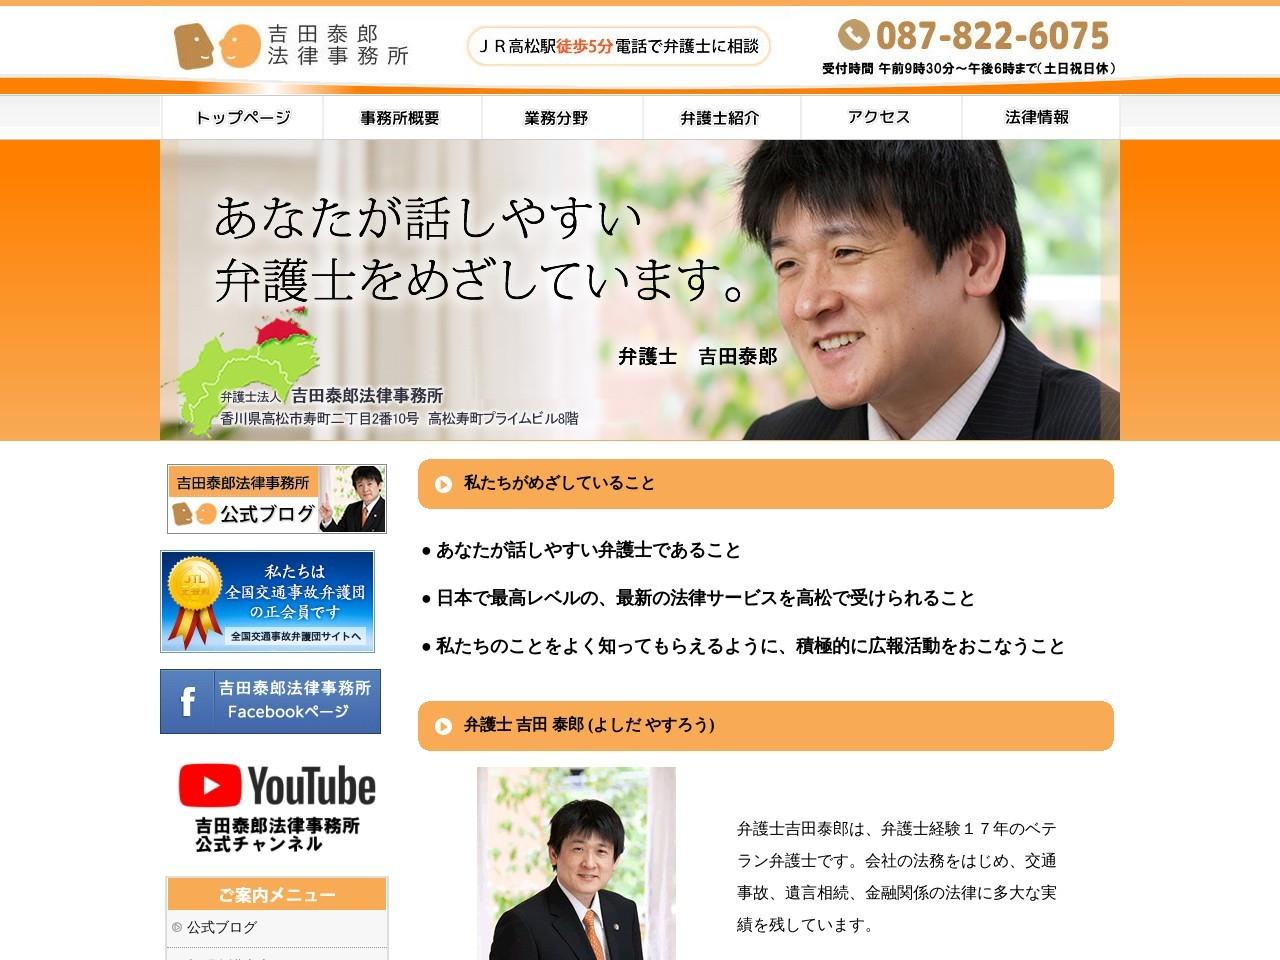 香川・高松の弁護士 吉田泰郎法律事務所